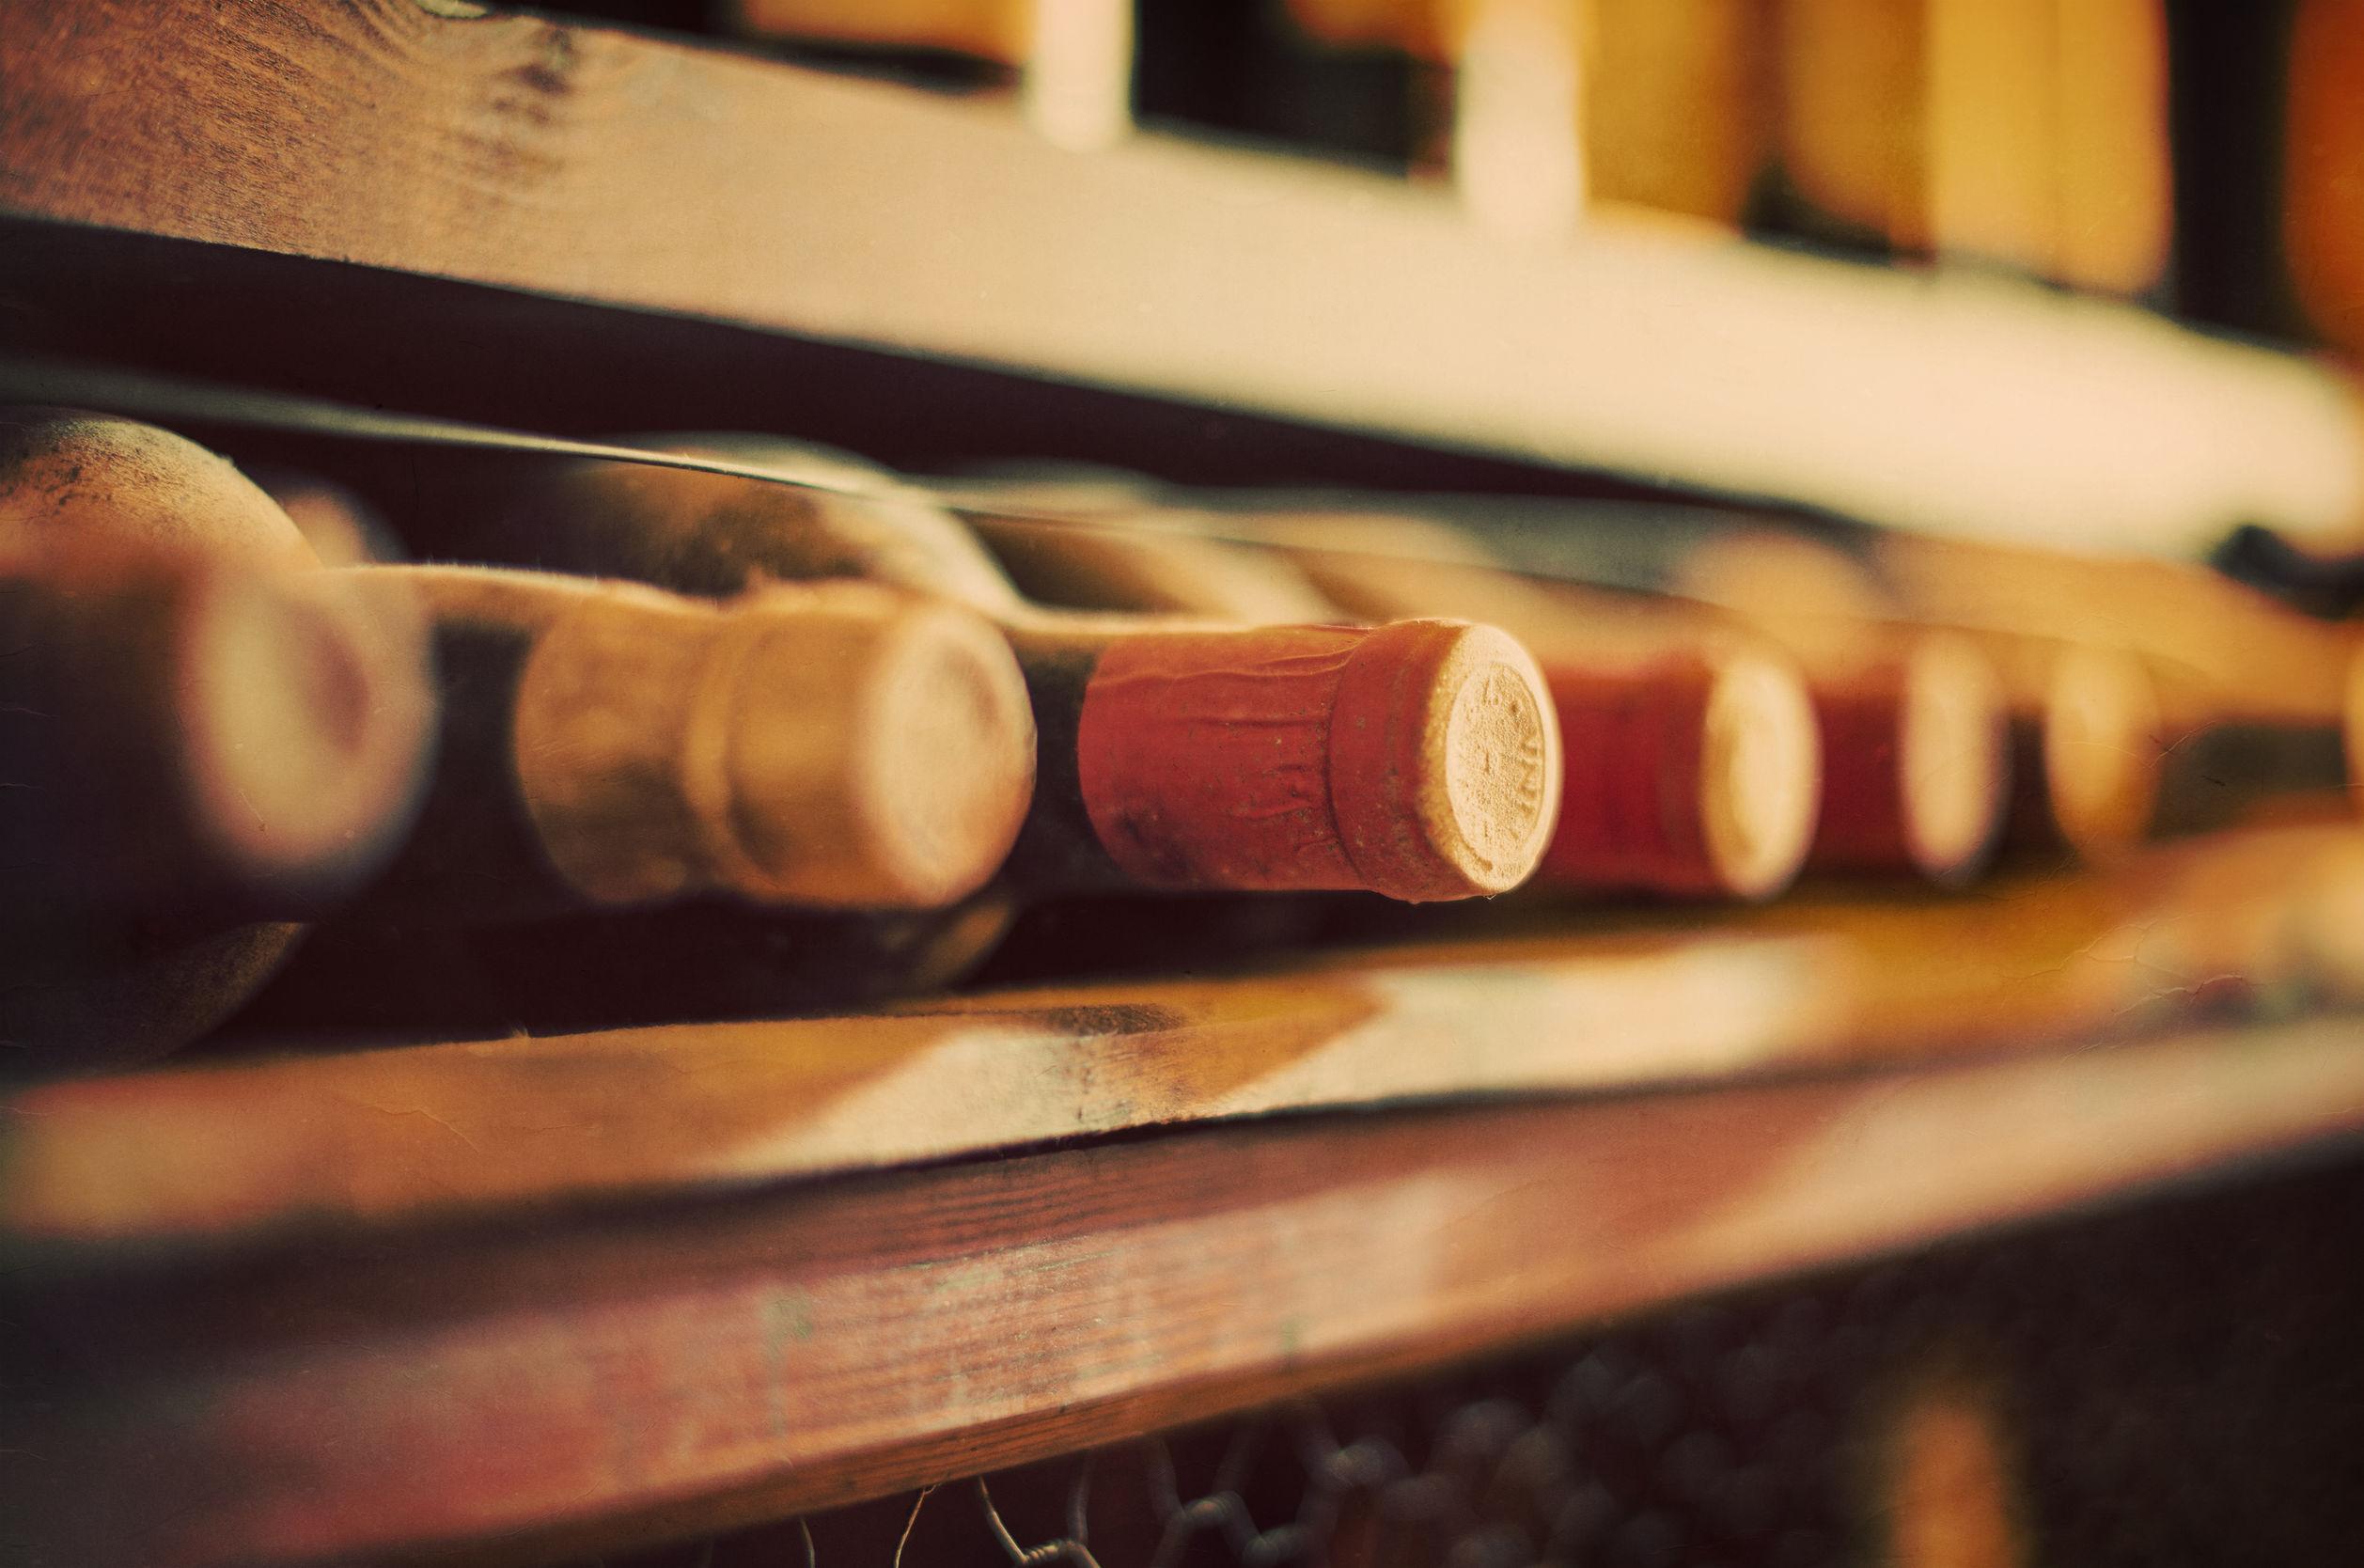 Amendă record: 7,8 milioane de dolari pentru că a vândut vinuri Bordeaux contrafăcute în cele mai mari supermarketuri din Franţa